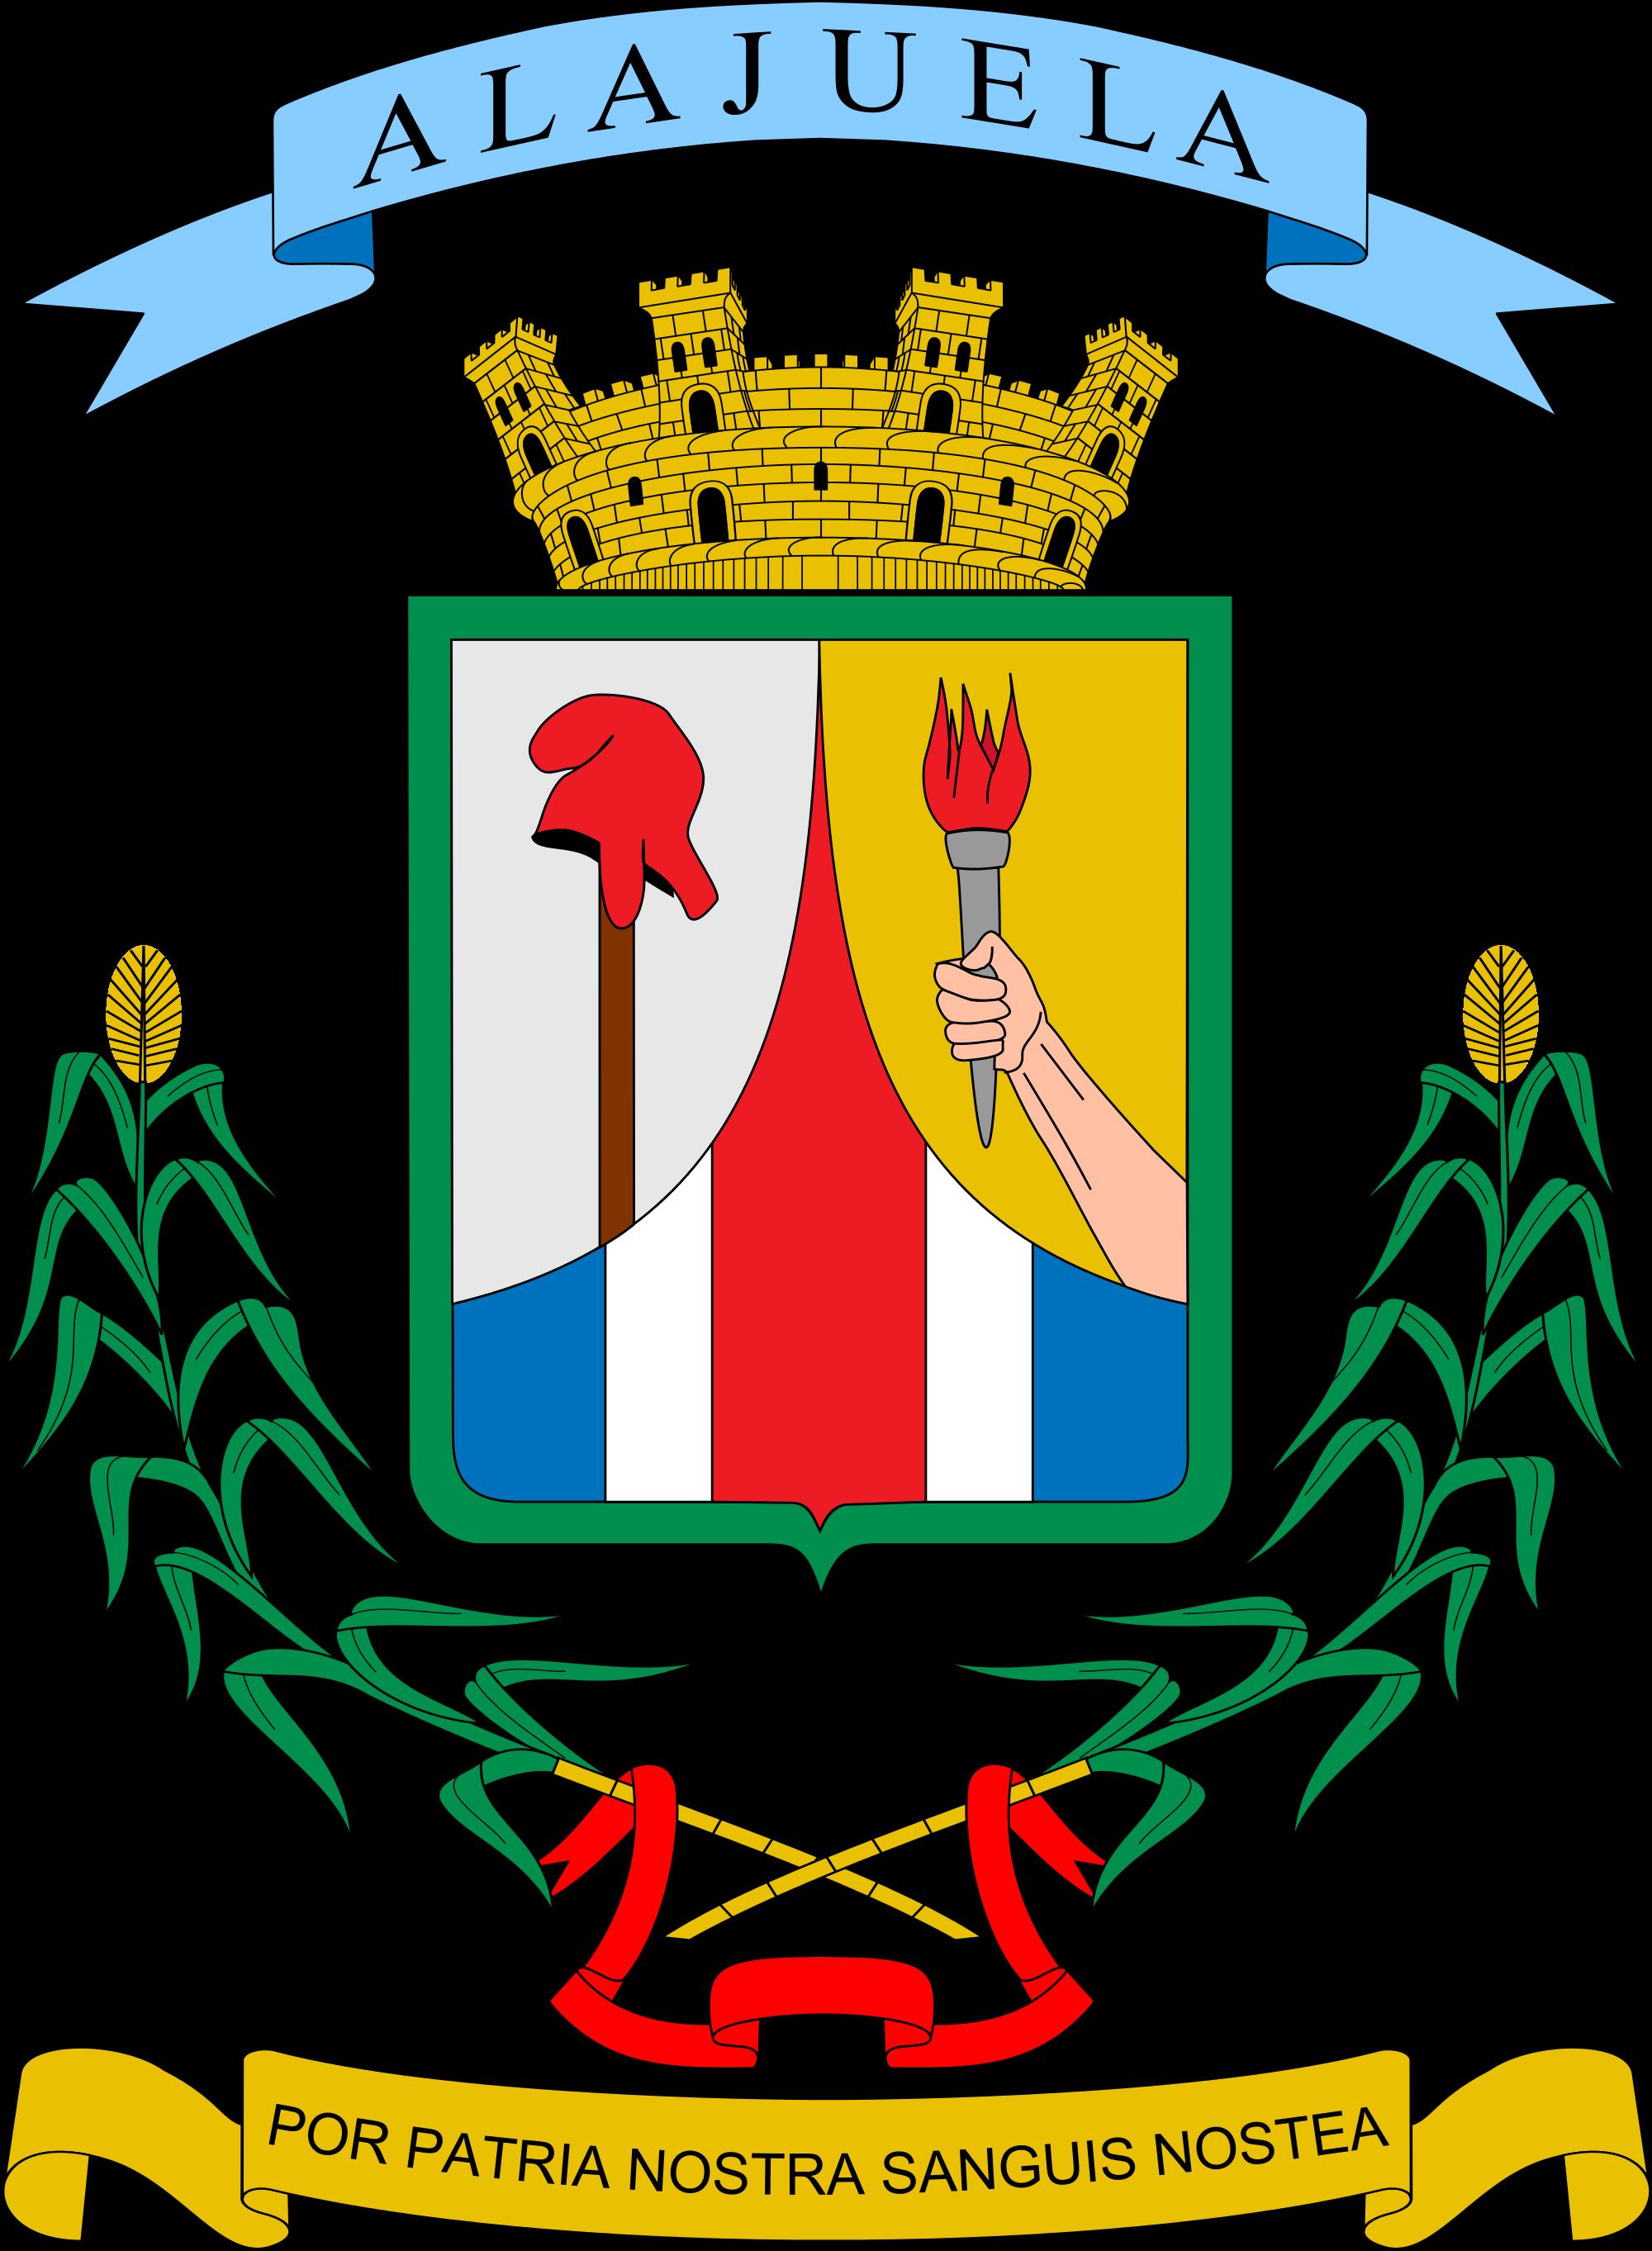 Provincia De Alajuela Coat Of Arms Alajuela Province